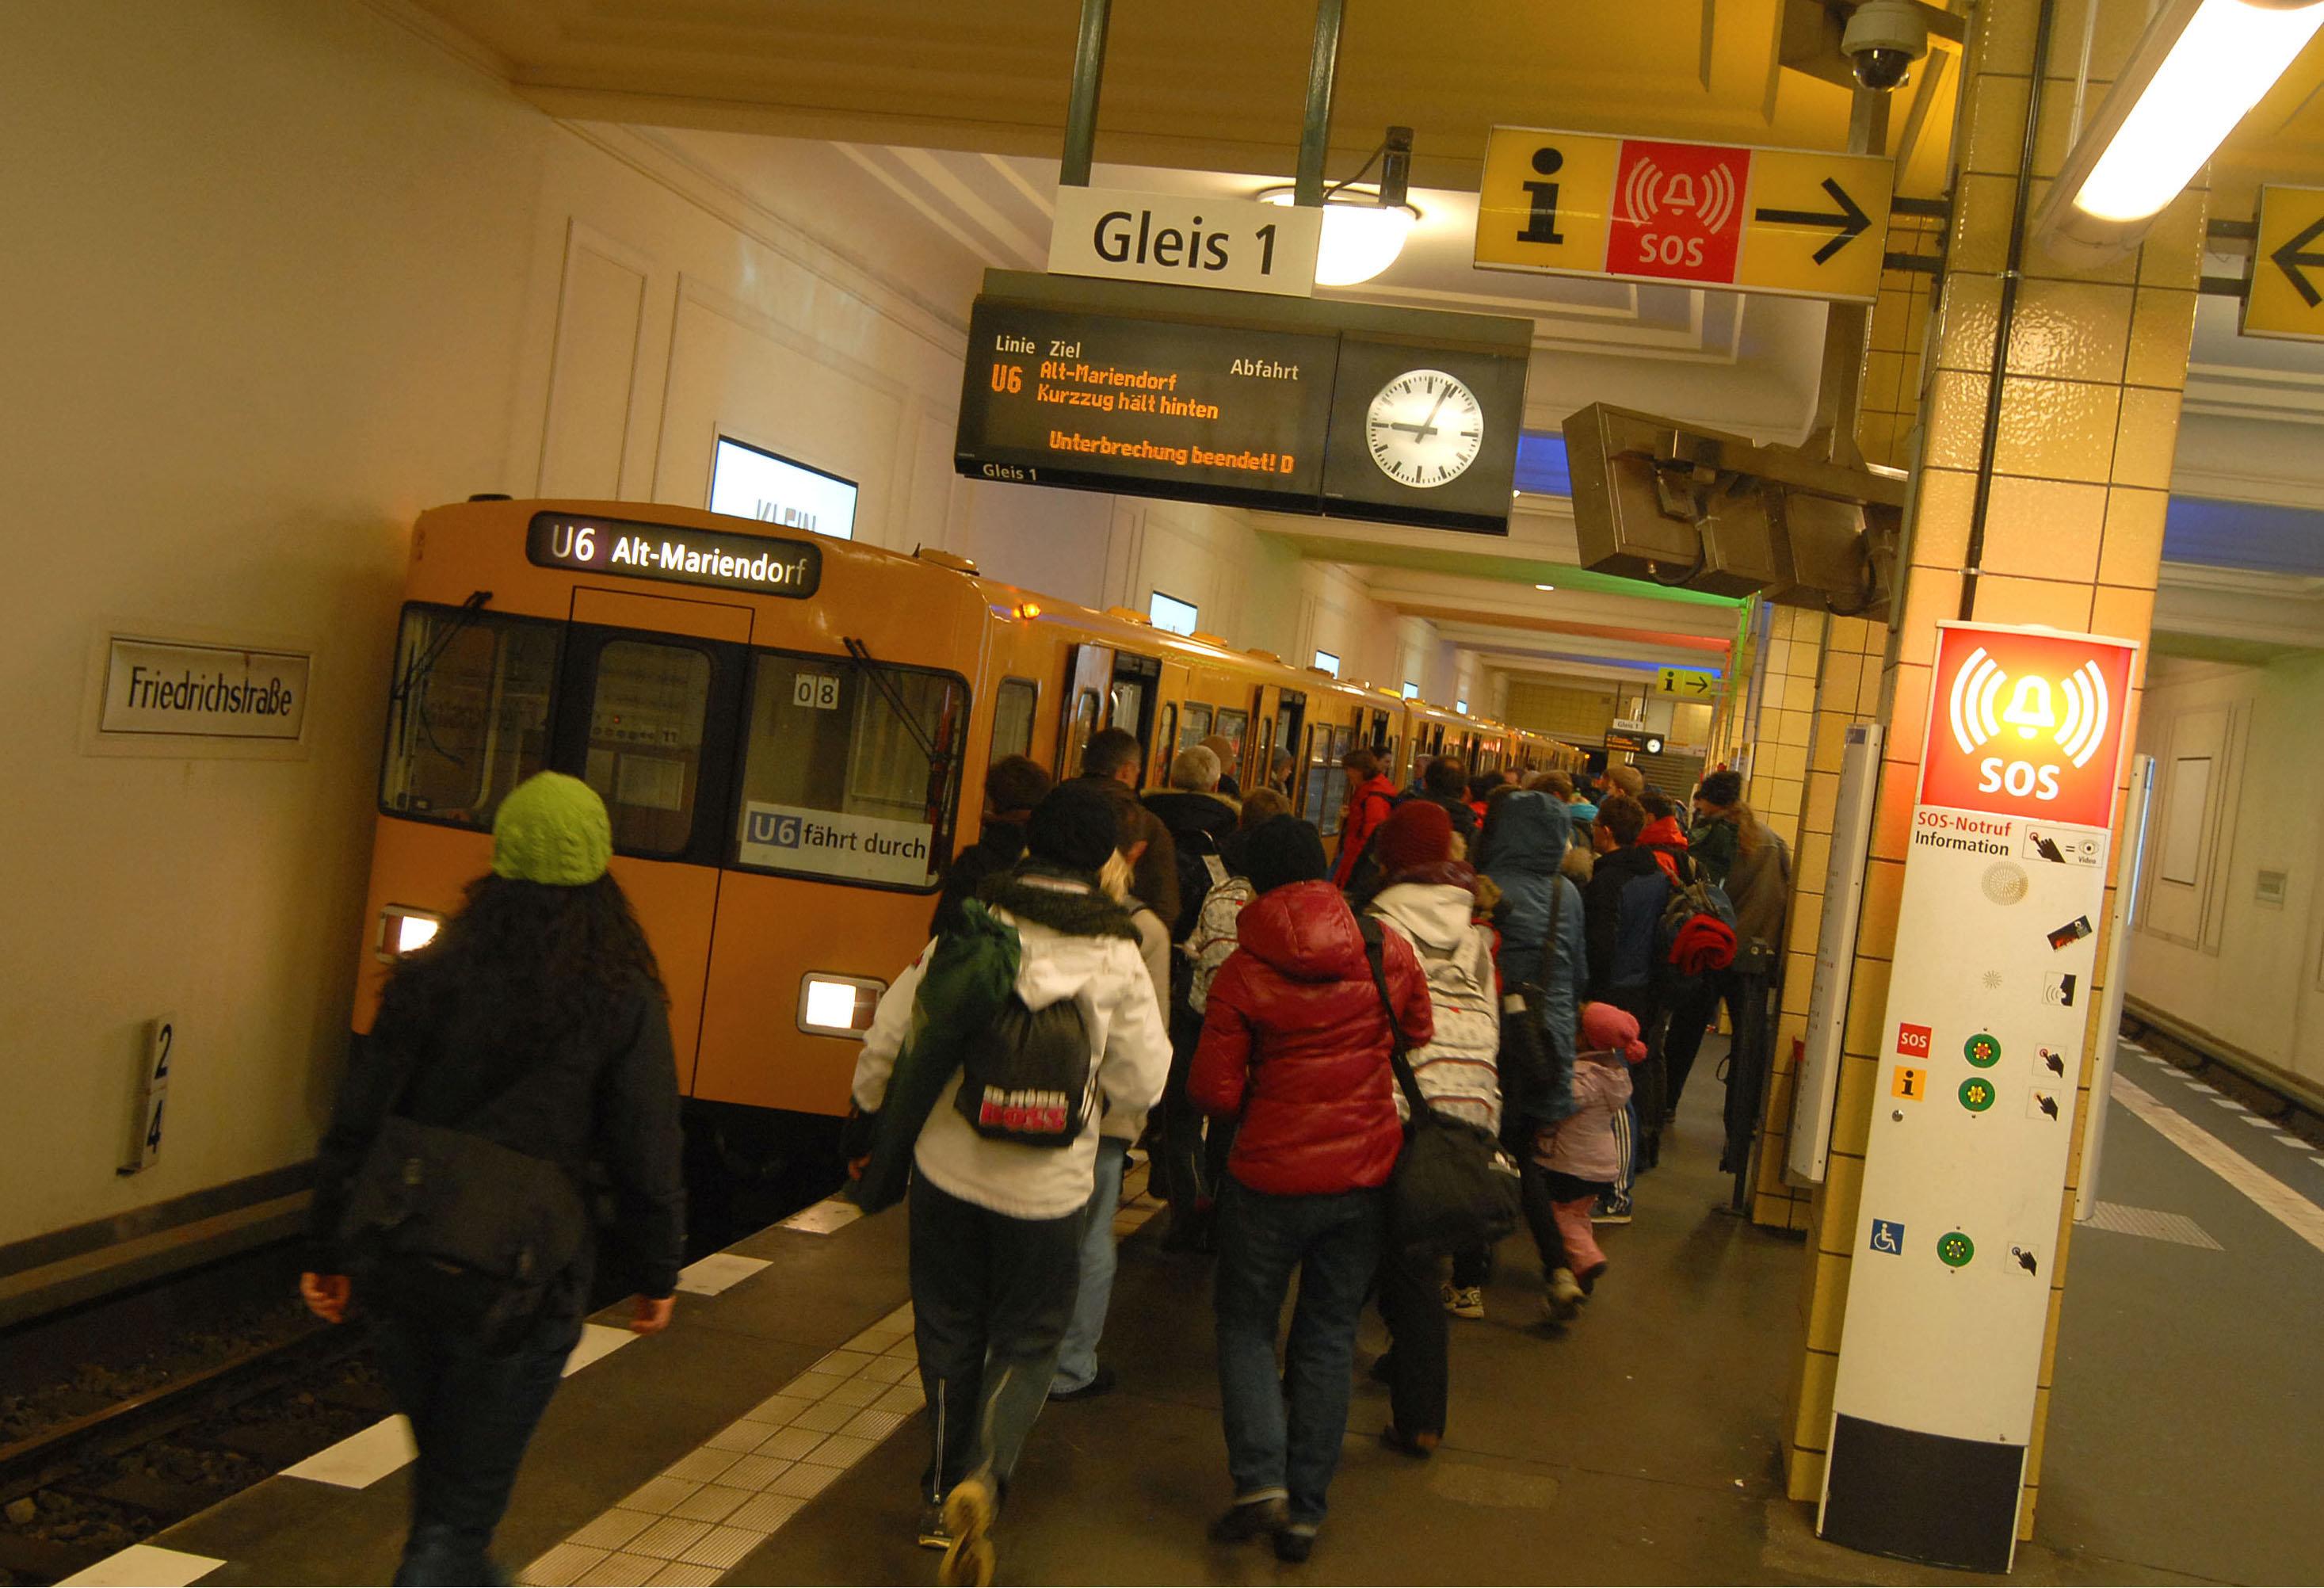 Berlin: Mann belästigt Mädchen in U-Bahn – dann greifen Fahrgäste ein